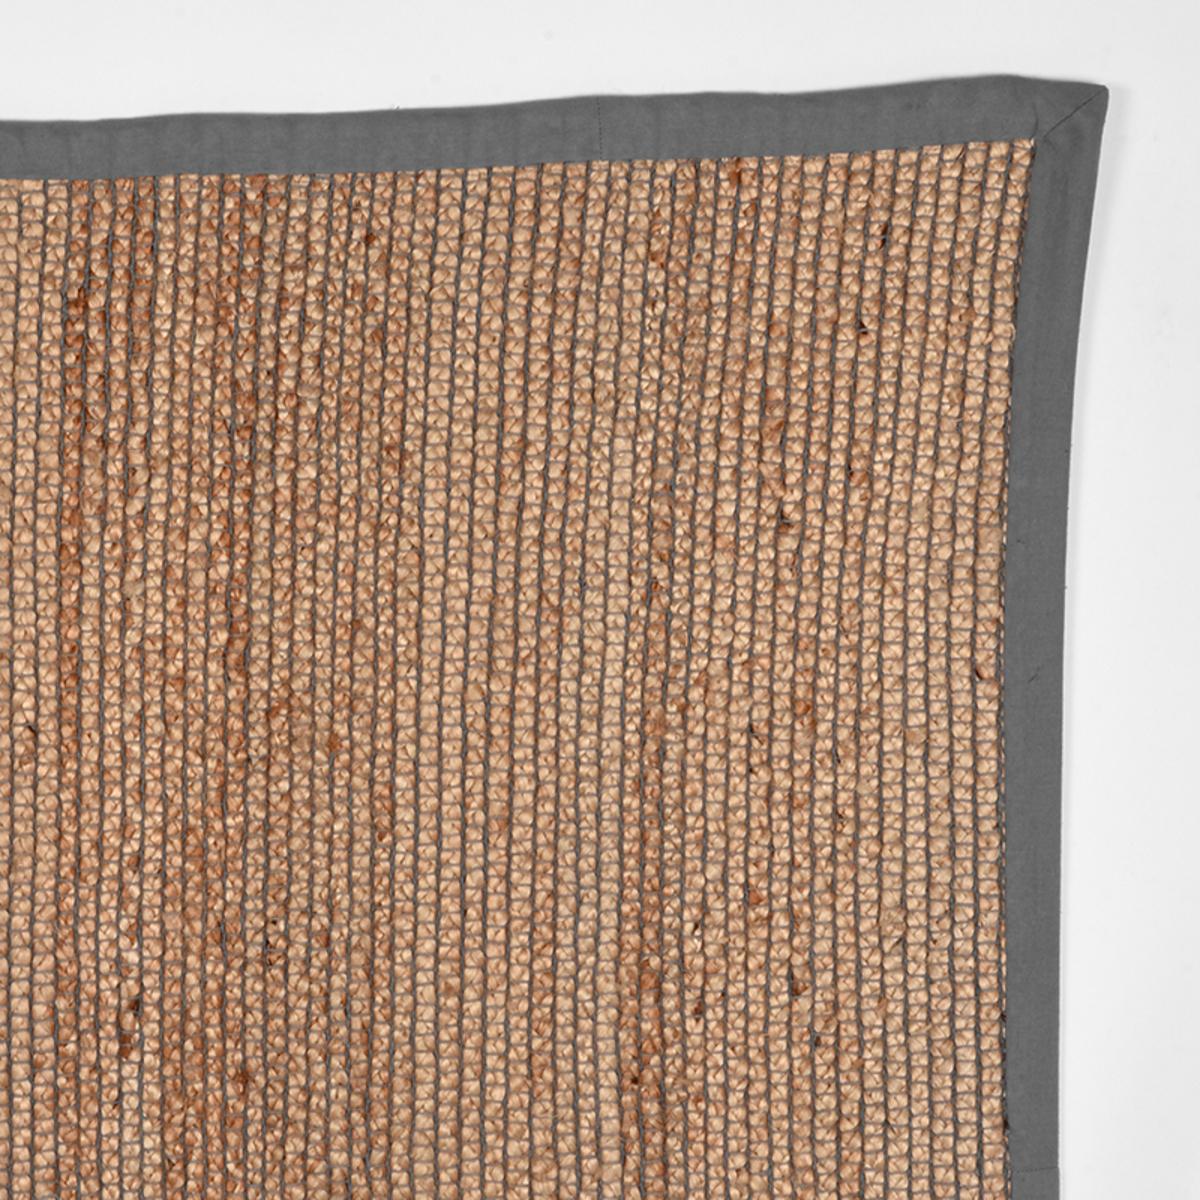 Vloerkleed Jute - Grijs - Jute - 140x160 Cm